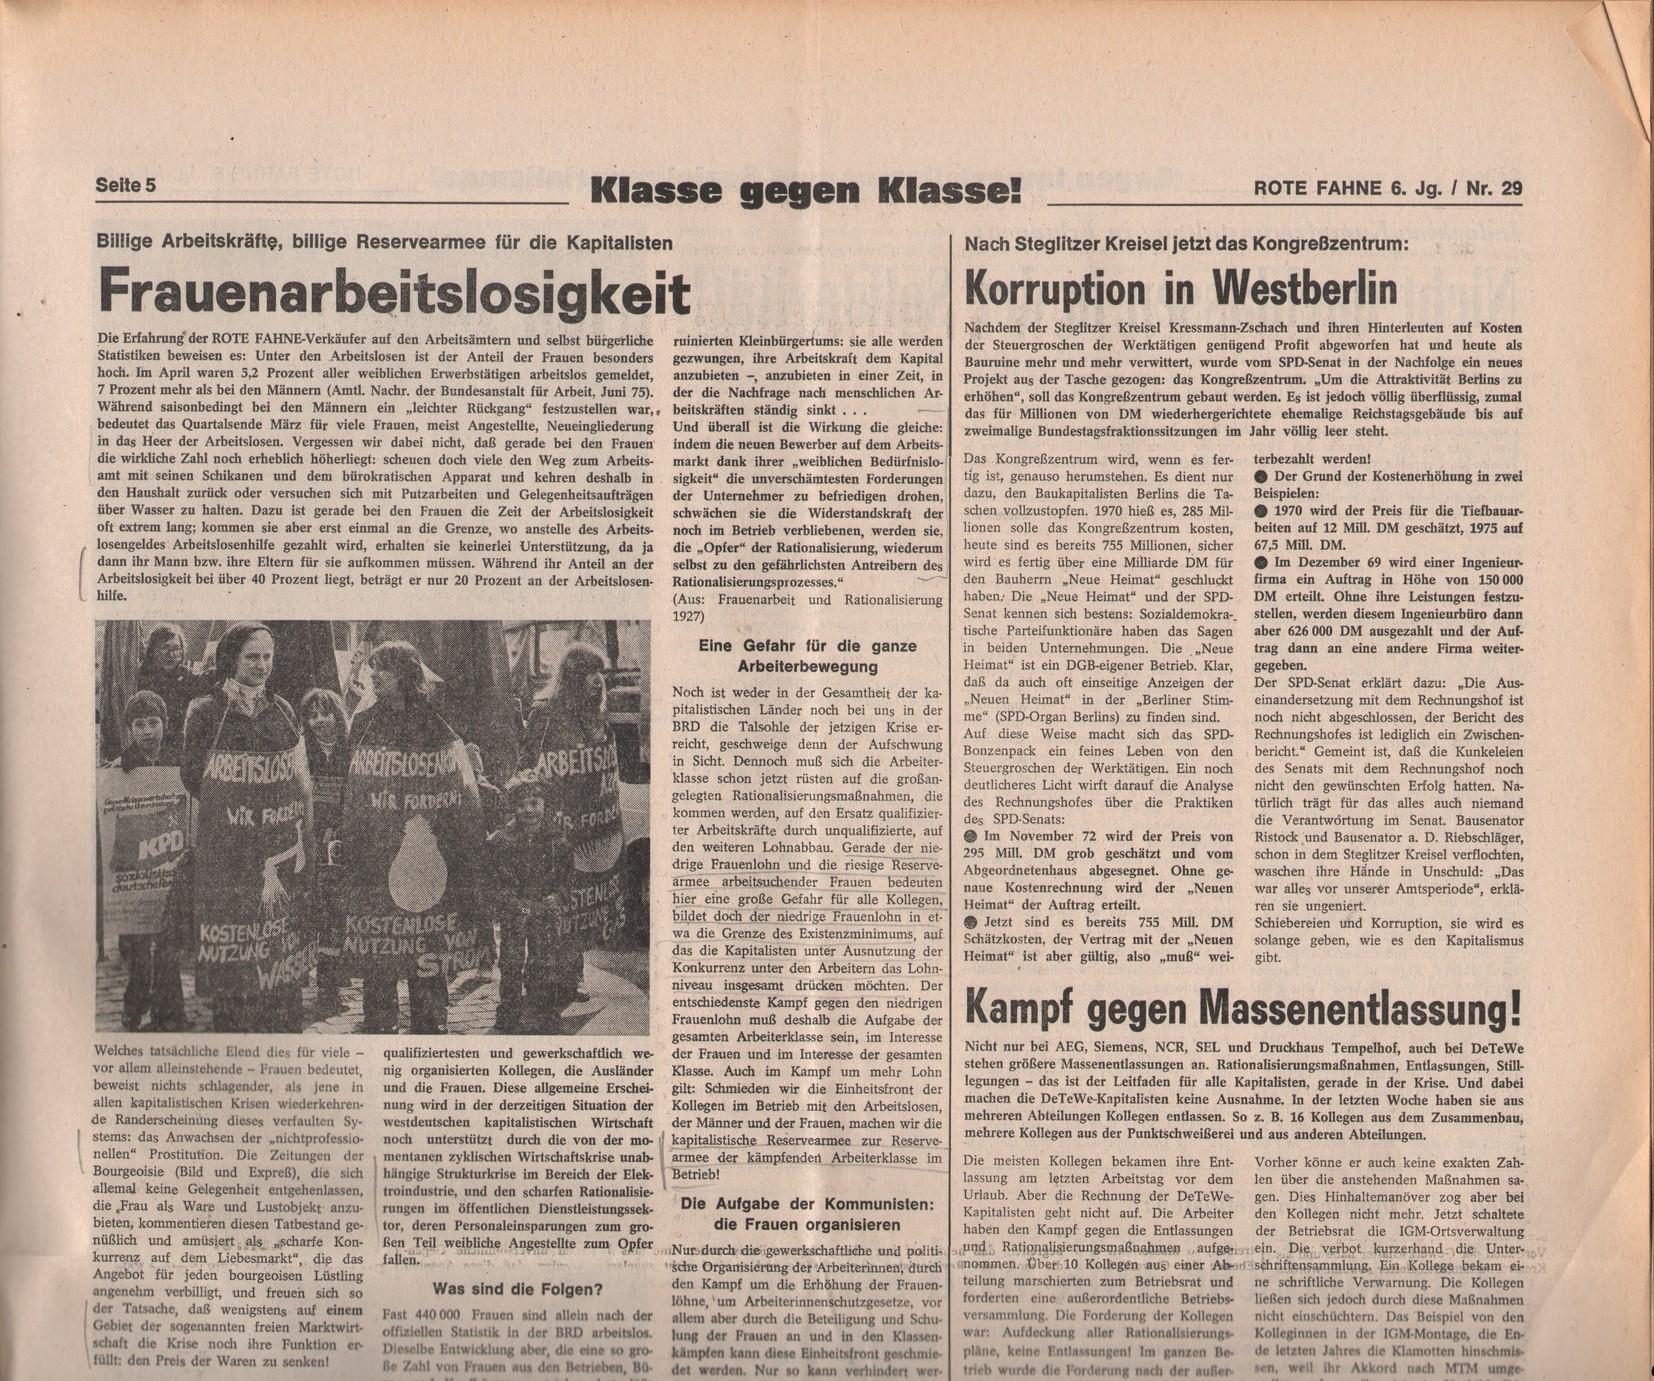 KPD_Rote_Fahne_1975_29_09